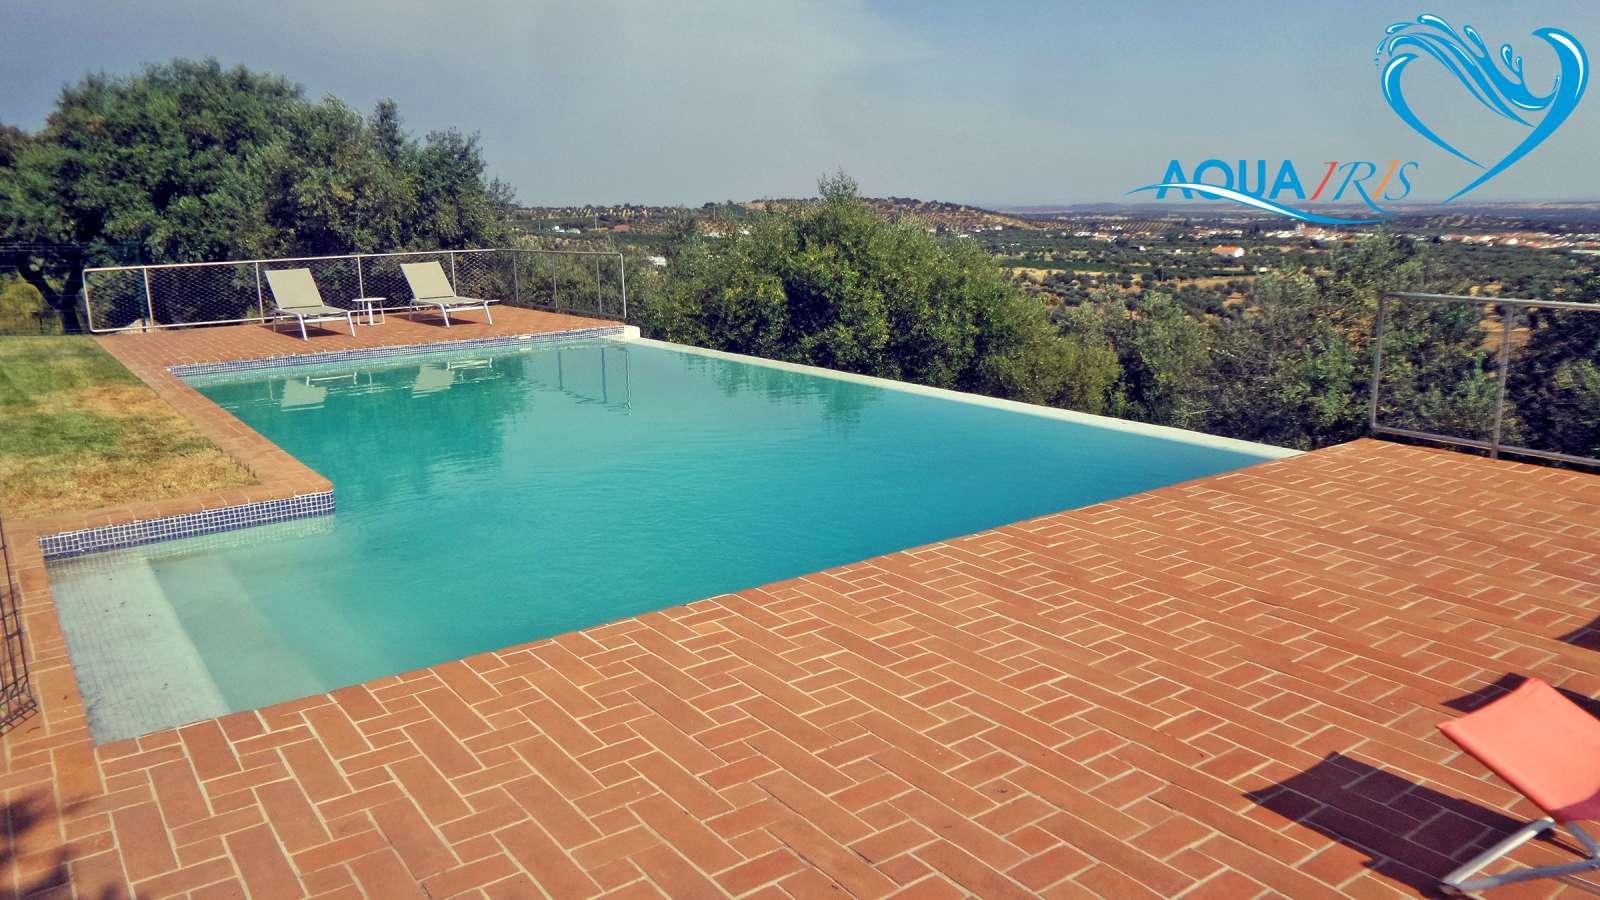 Agua verde piscina alentejo depois servi os de repara o - Agua de piscina verde ...